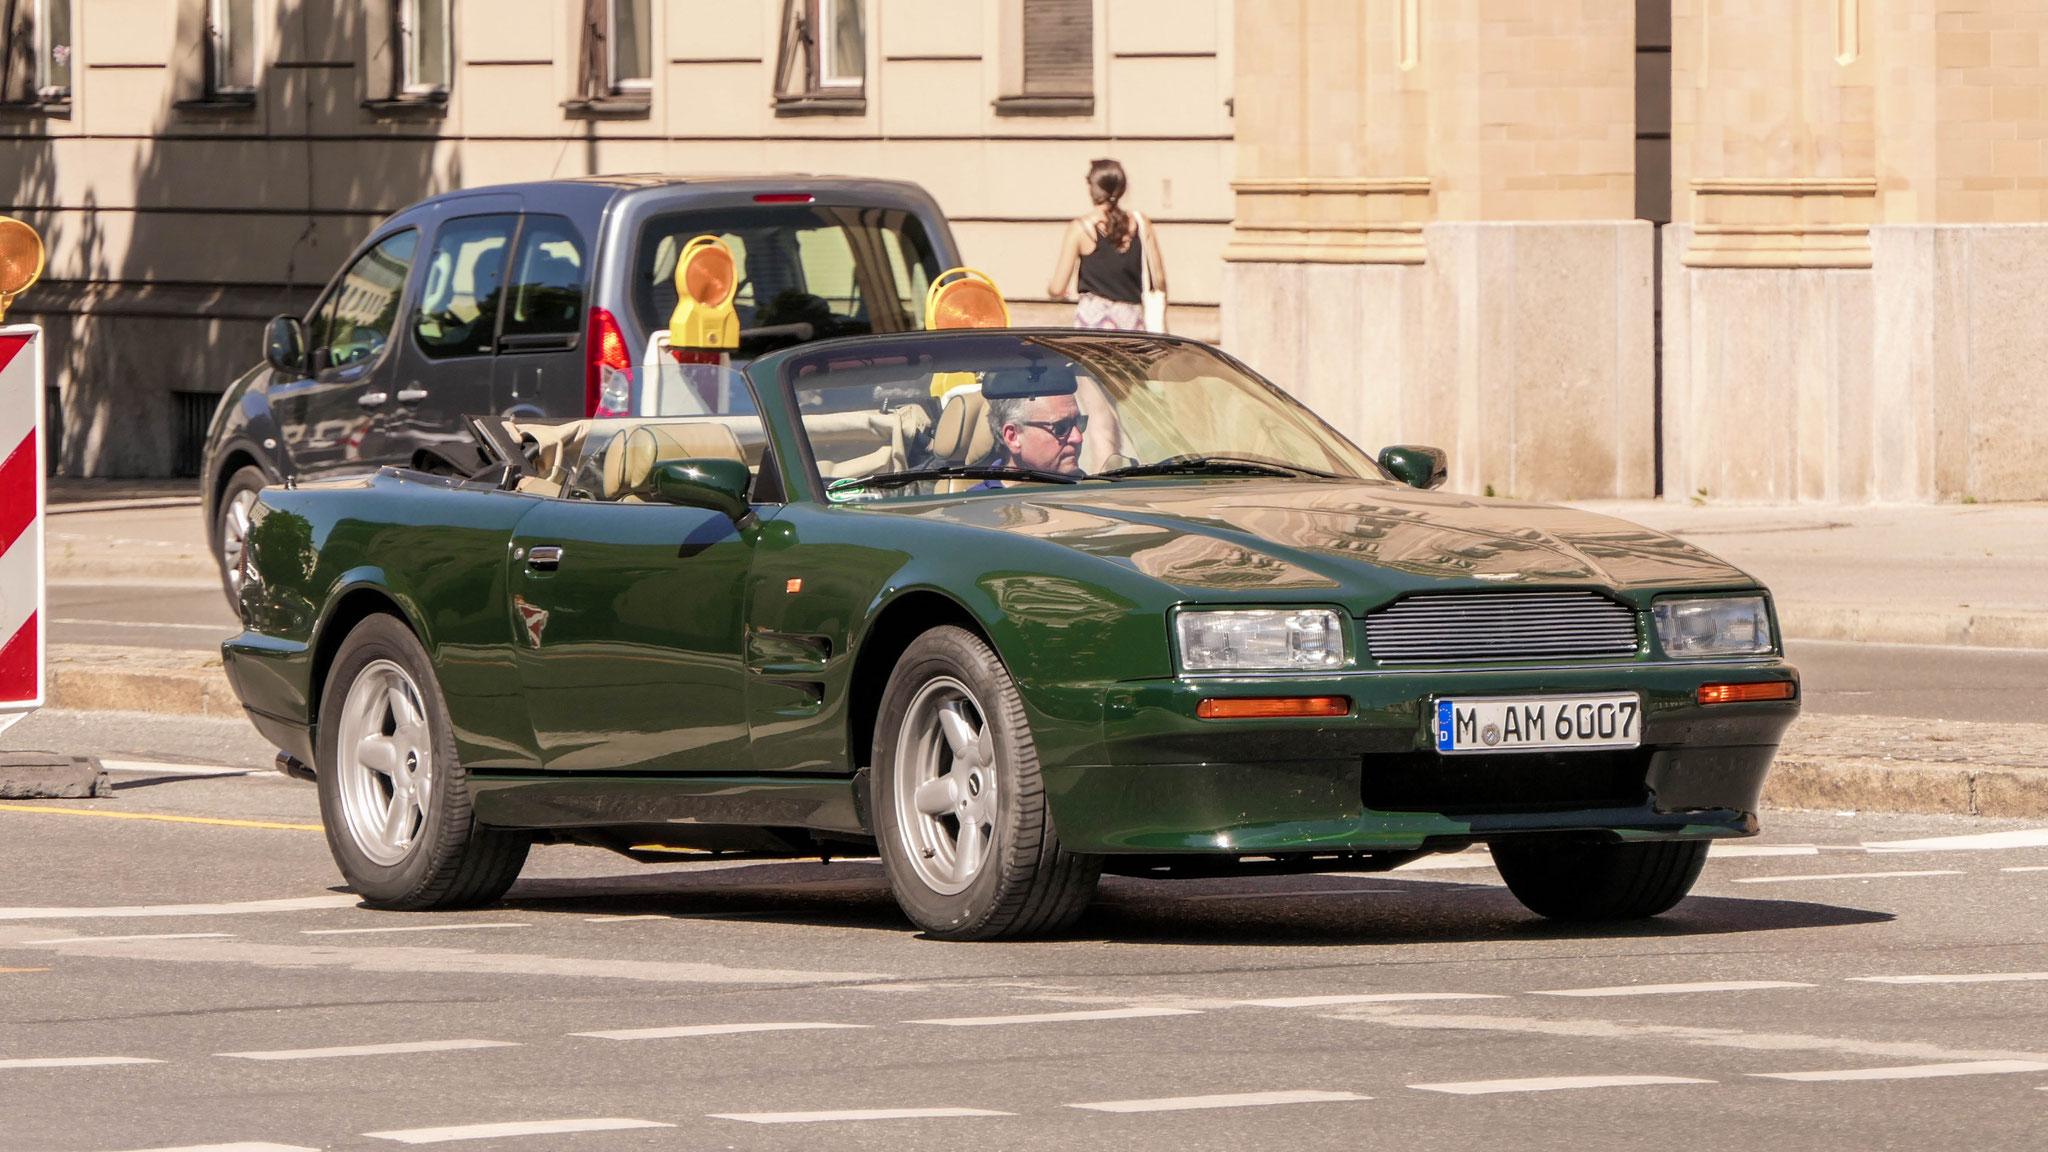 Aston Martin Virage - M-AM-6007